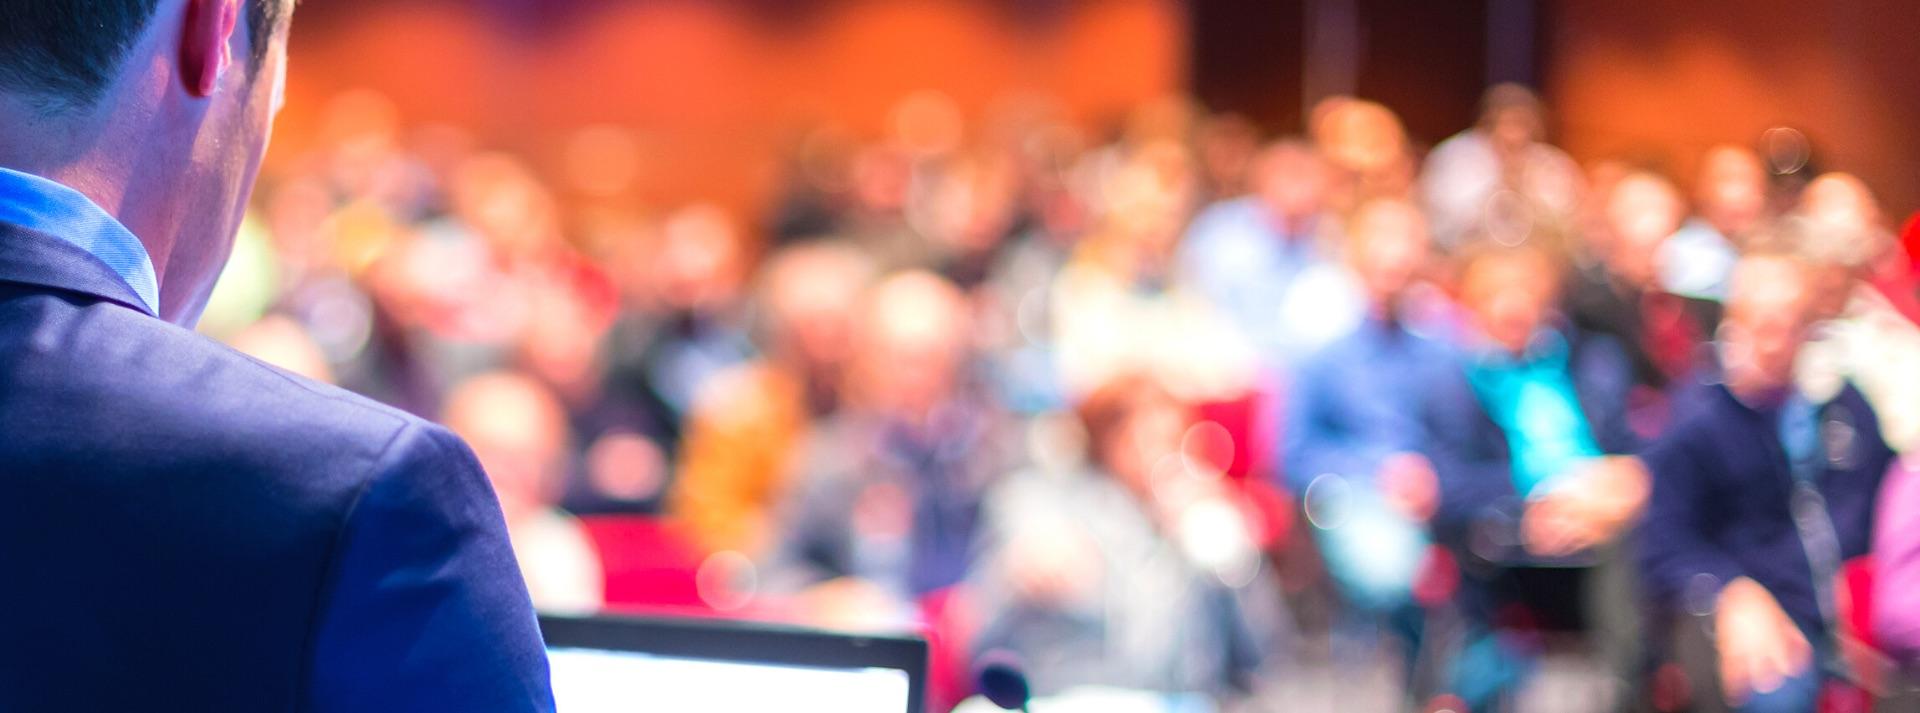 Location de salles, Séminaires, Location de salle, Équipées, Salles de réunions, Modulables, Vidéoprojecteur, Louer une salle, Projecteur, Salles de réunion, Coworking, Salle de réunion, Pouvant accueillir, Vidéo-projecteur, Cocktail, Lumière du jour, Grande salle, Haut-débit, Demi-journée, Sonorisation, Espaces de travail, Salle de conférence, Modulable, Événements professionnels, Réceptions, Atypique, Salles de séminaire, Salle de séminaire, Bureaux à partager, Assises, Espace de coworking, Location de salle de réunion, Salles de formation, Espaces de réunion, Visioconférence, Centre d affaires, Peuvent accueillir, Selon vos besoins, Traiteur, Espace de travail, Salles de conférence, Louez, Location de salles de réunion, Accès wifi, Salle de formation, Amphithéâtre, Déjeuners, Plusieurs salles, Écran de projection, Présentations, Lieu idéal, Sur demande, Shooting, Lounge, Salle de réception, Réunions de travail, Internet haut, Cocktails, Brainstorming, Salles à louer, Journée d étude, Configurations, Superficie, Shooting photo, Cadre idéal, Paper-board, Aménagées, Tableau blanc, Internet haut débit, Location de bureaux, Accès à Internet, Team-building, Assemblées générales, Salles de réception, Confortables, Lumineuse, Connexion Wifi, Location d espaces, Agencement, Cosy, Collaboratif, Capacité d accueil, Micros, Dînatoire, Espace lounge, Plénière, Salle de conférences, Idéalement situé, La fabrique, Plateaux-repas, Salles de conférences, Salle à louer, Buffets, Plateaux, Bureau à la journée, Location d espace, Toutes équipées, Cci, Viennoiseries, Places assises, Assemblées, Nombre de participants, Intimiste, Pauses café, Coaching, Personnes assises, Atypiques, Plusieurs espaces, Connexion Internet, Wifi gratuit, Centre des congrès, Domiciliation, Meeting, Entièrement équipées, Visio, Boissons chaudes, Petit comité, Petits-déjeuners, Organiser une réunion, Espaces de coworking, Salle équipée, Afterwork, Espace de réunion, Climatisées, Pause-café, Cloître, Sessions